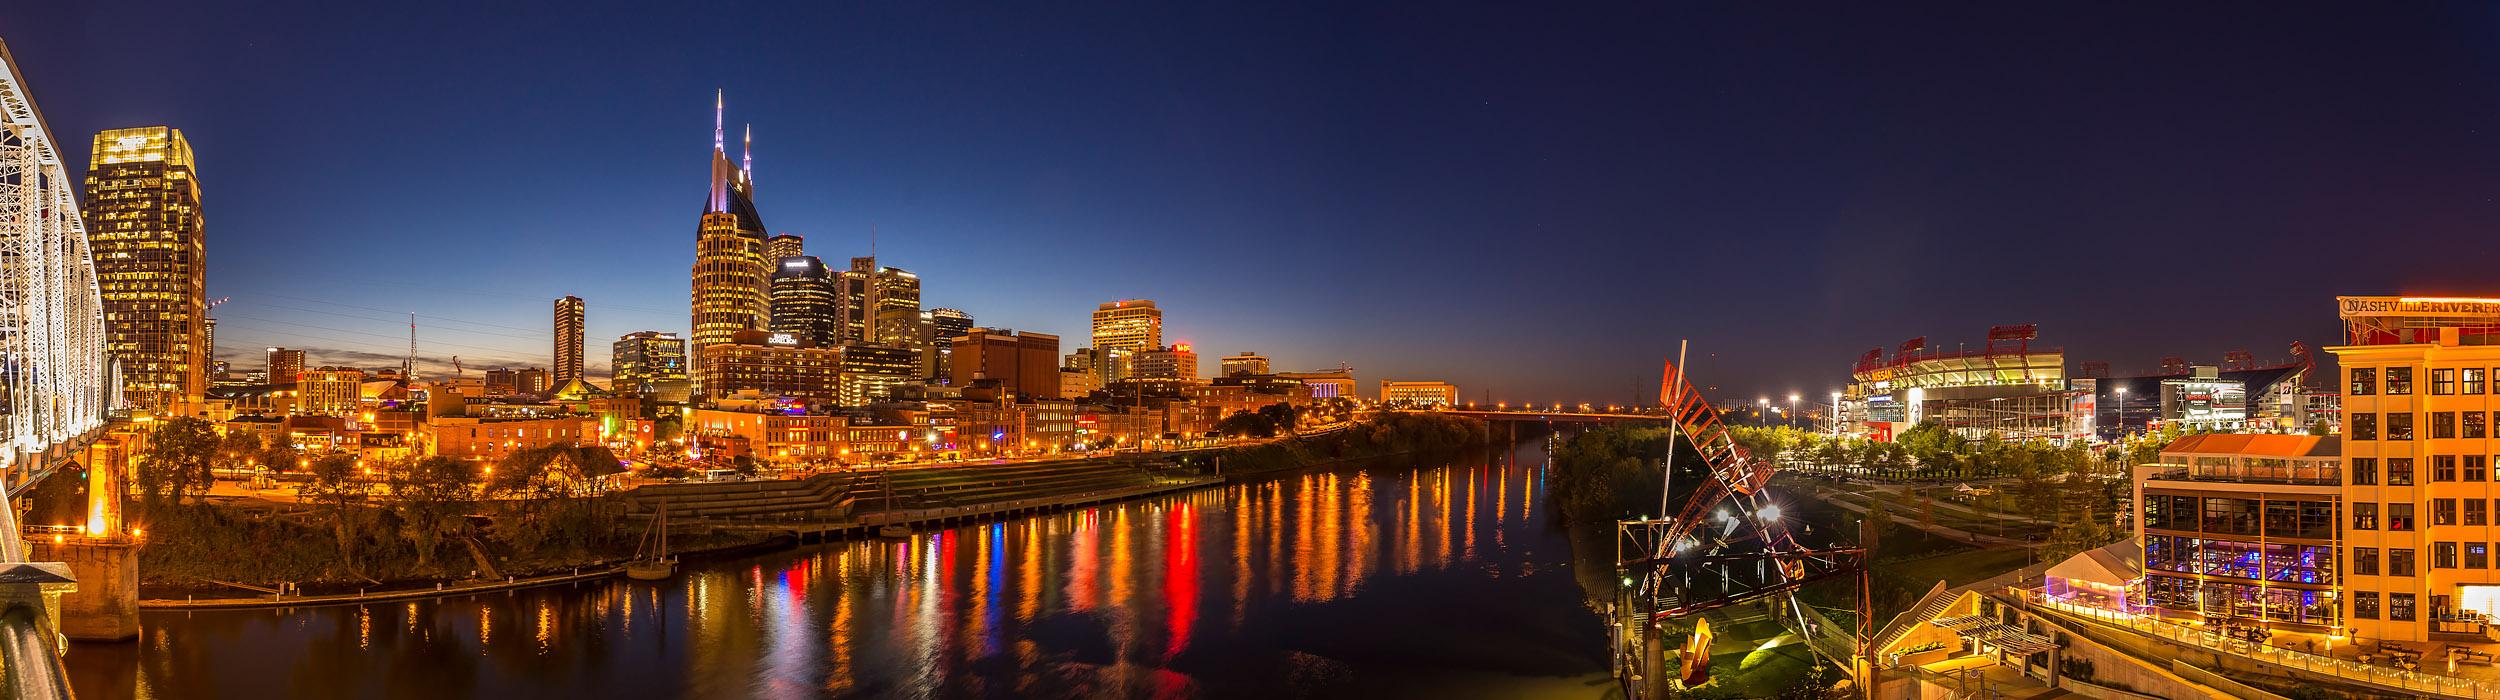 nashville-skyline-river3.jpg